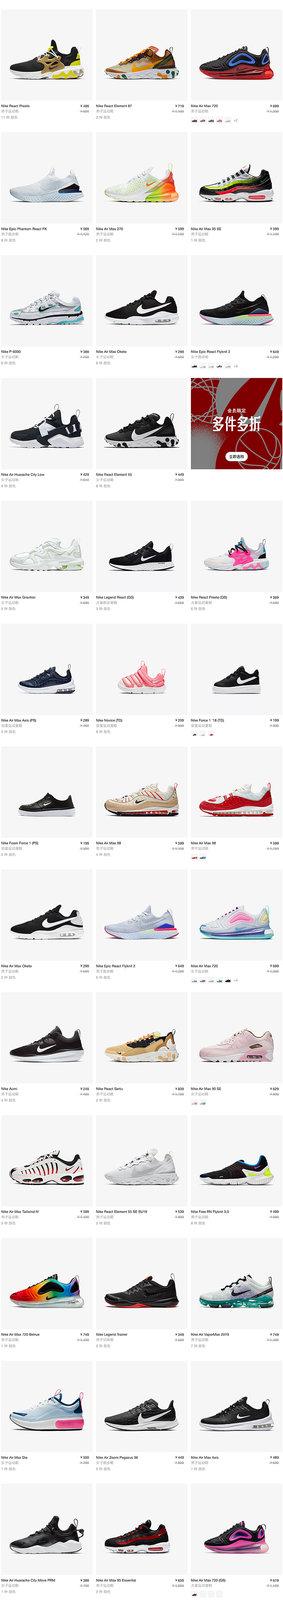 Nike,双 11,发售  雪豹 AJ5 发售就在其中!Nike 双 11 活动开启!折扣够狠!